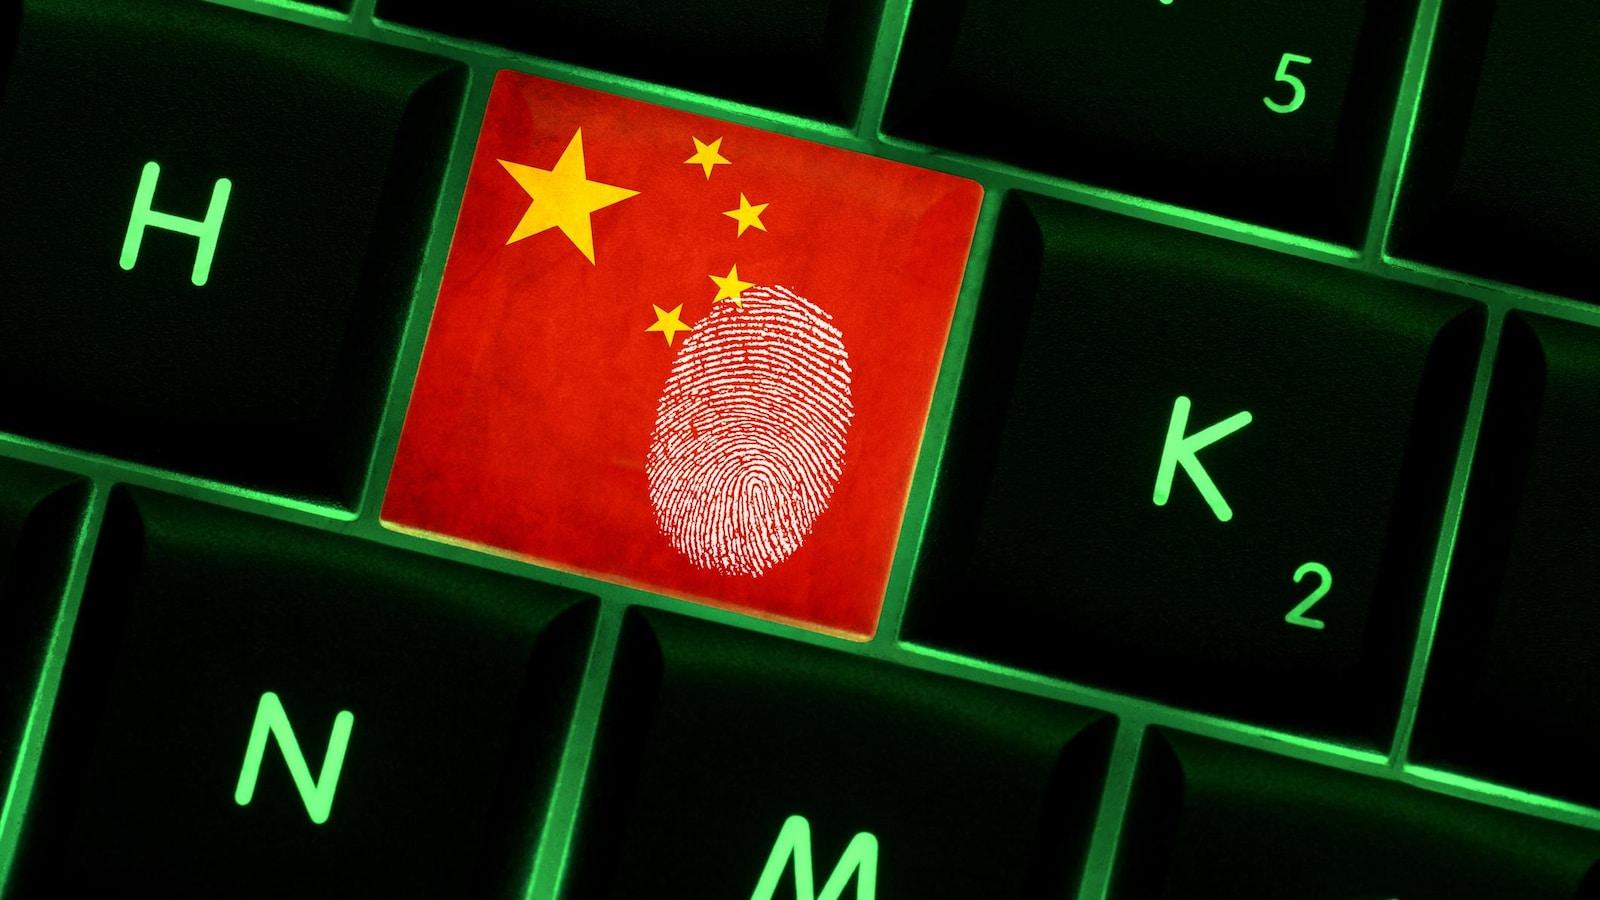 Une empreinte digitale sur une touche de clavier. La touche représente le drapeau de la Chine.